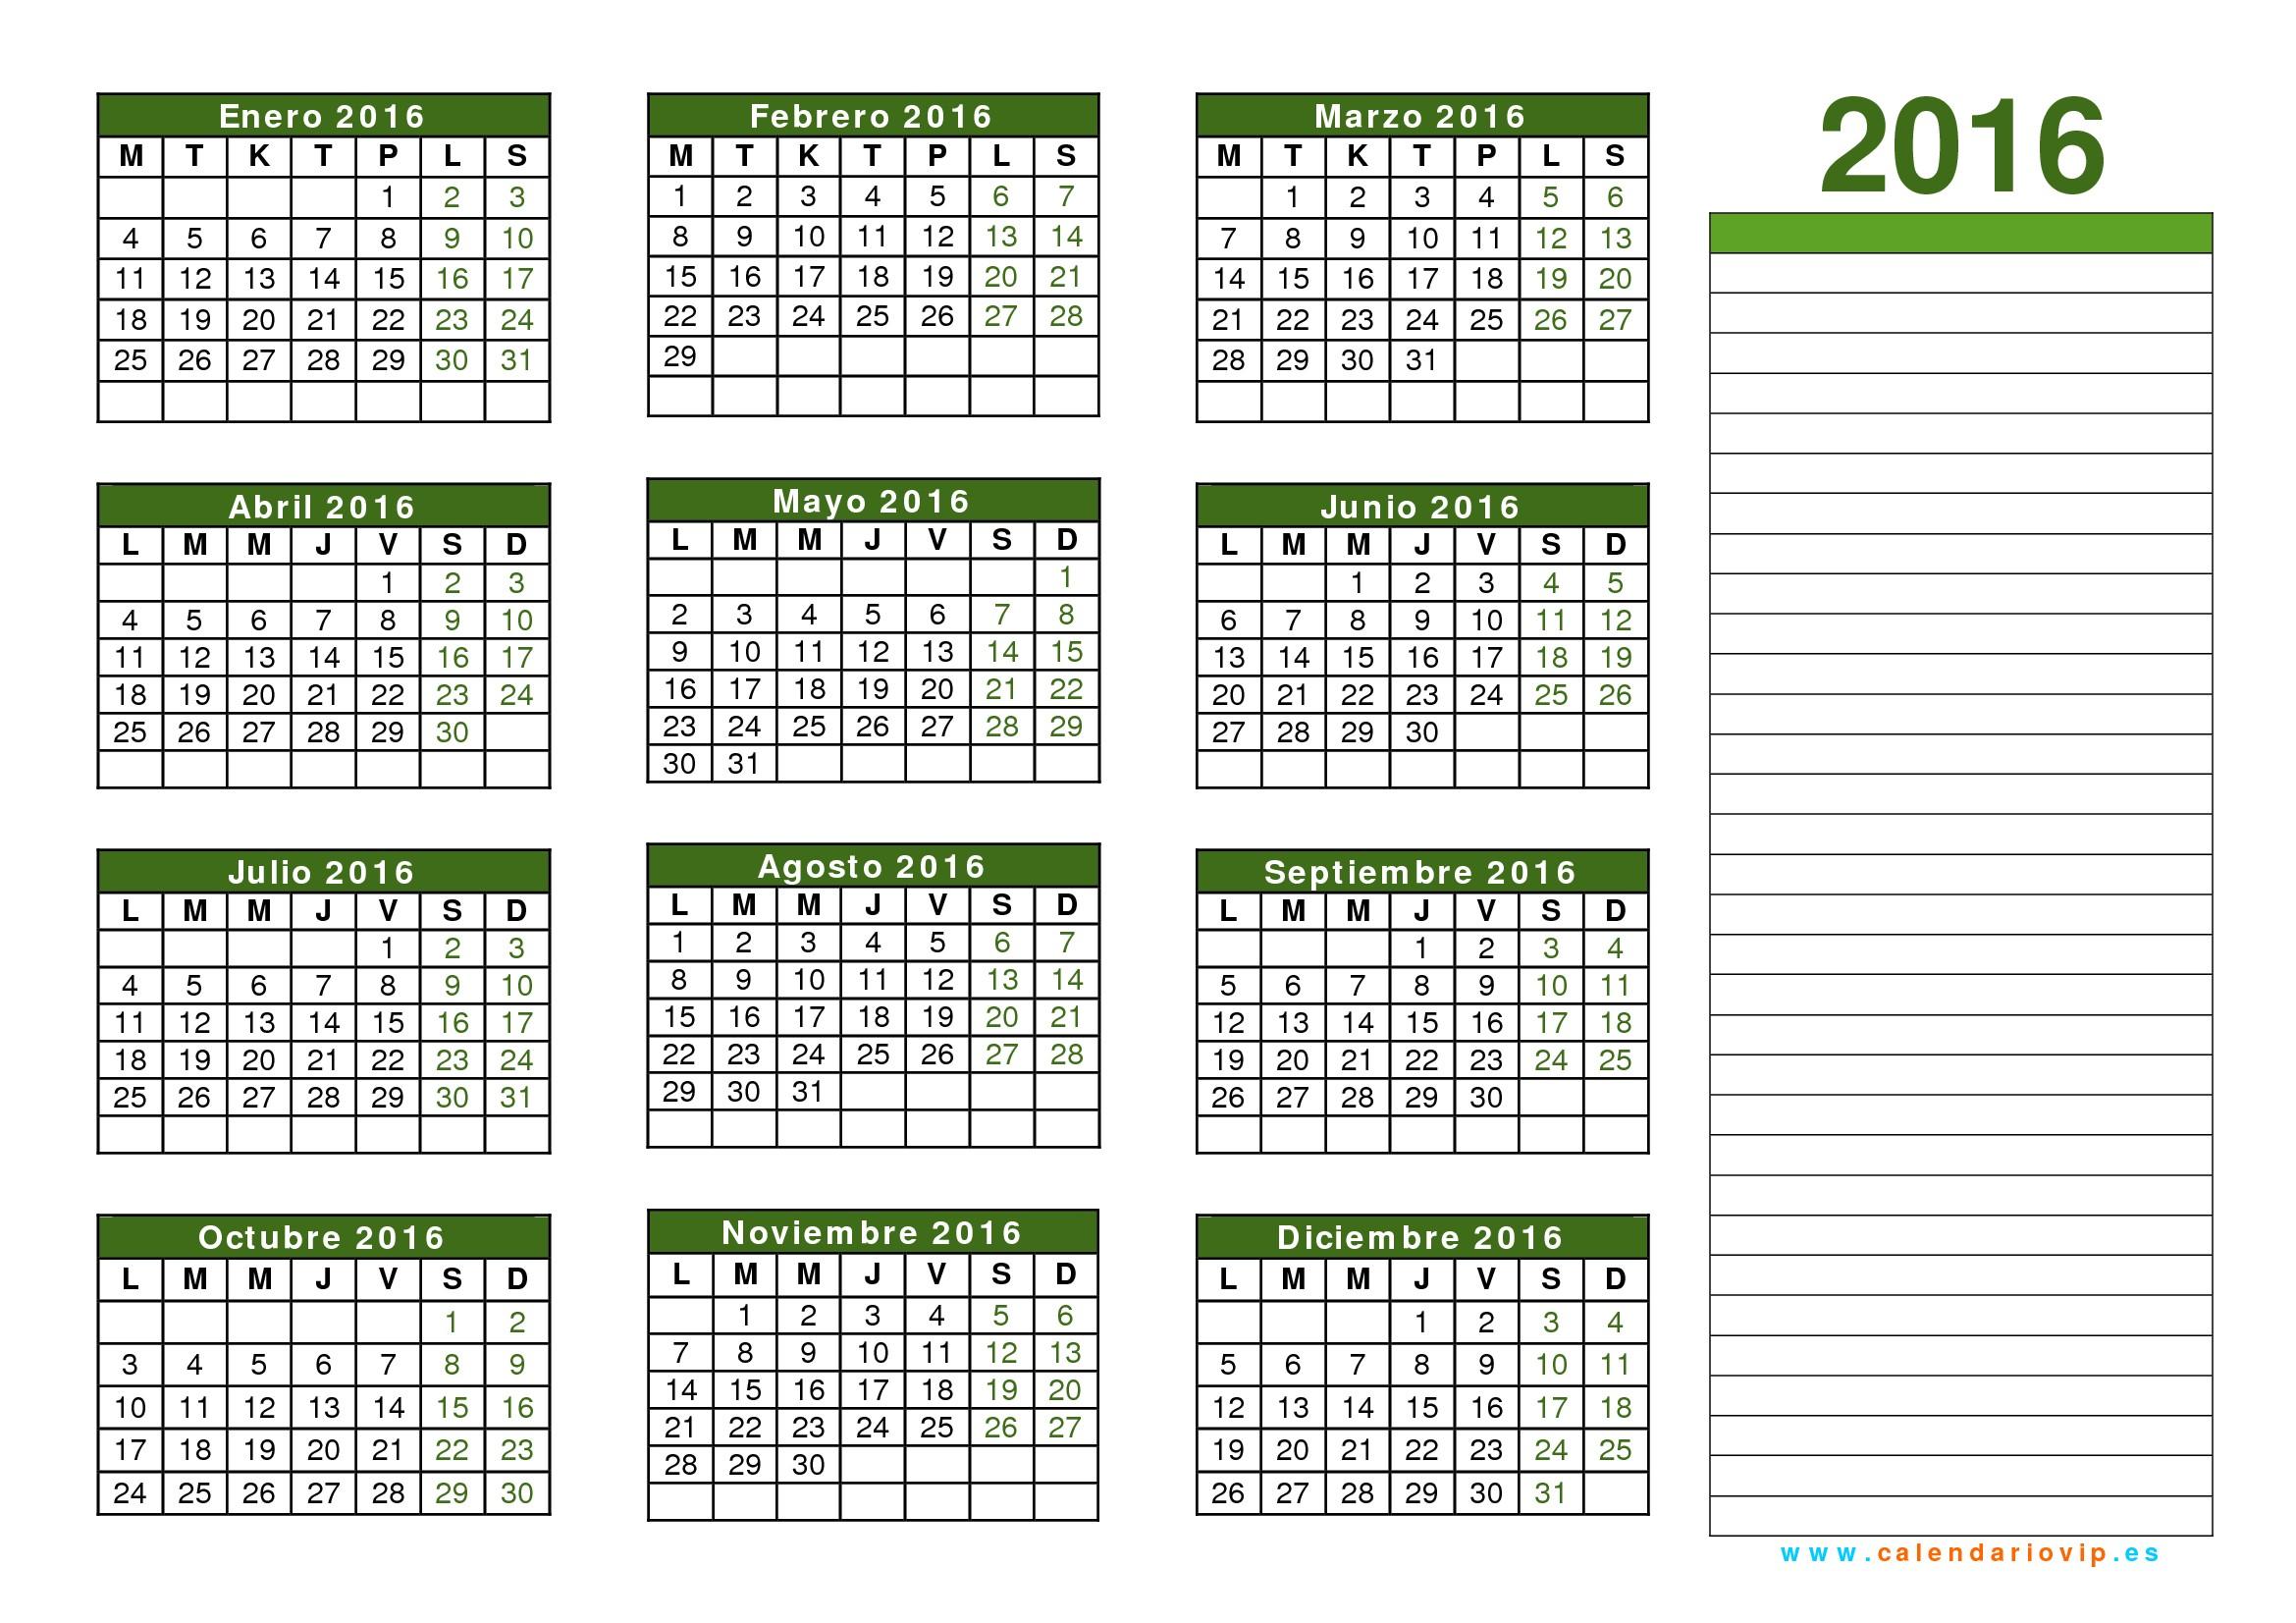 Calendario Abril 2019 Para Imprimir Pdf Más Recientes Calendarios 2016 Para Imprimir Calendario Abril 2016 Agenda Of Calendario Abril 2019 Para Imprimir Pdf Más Actual 2020 2021 Calendar Printable Template